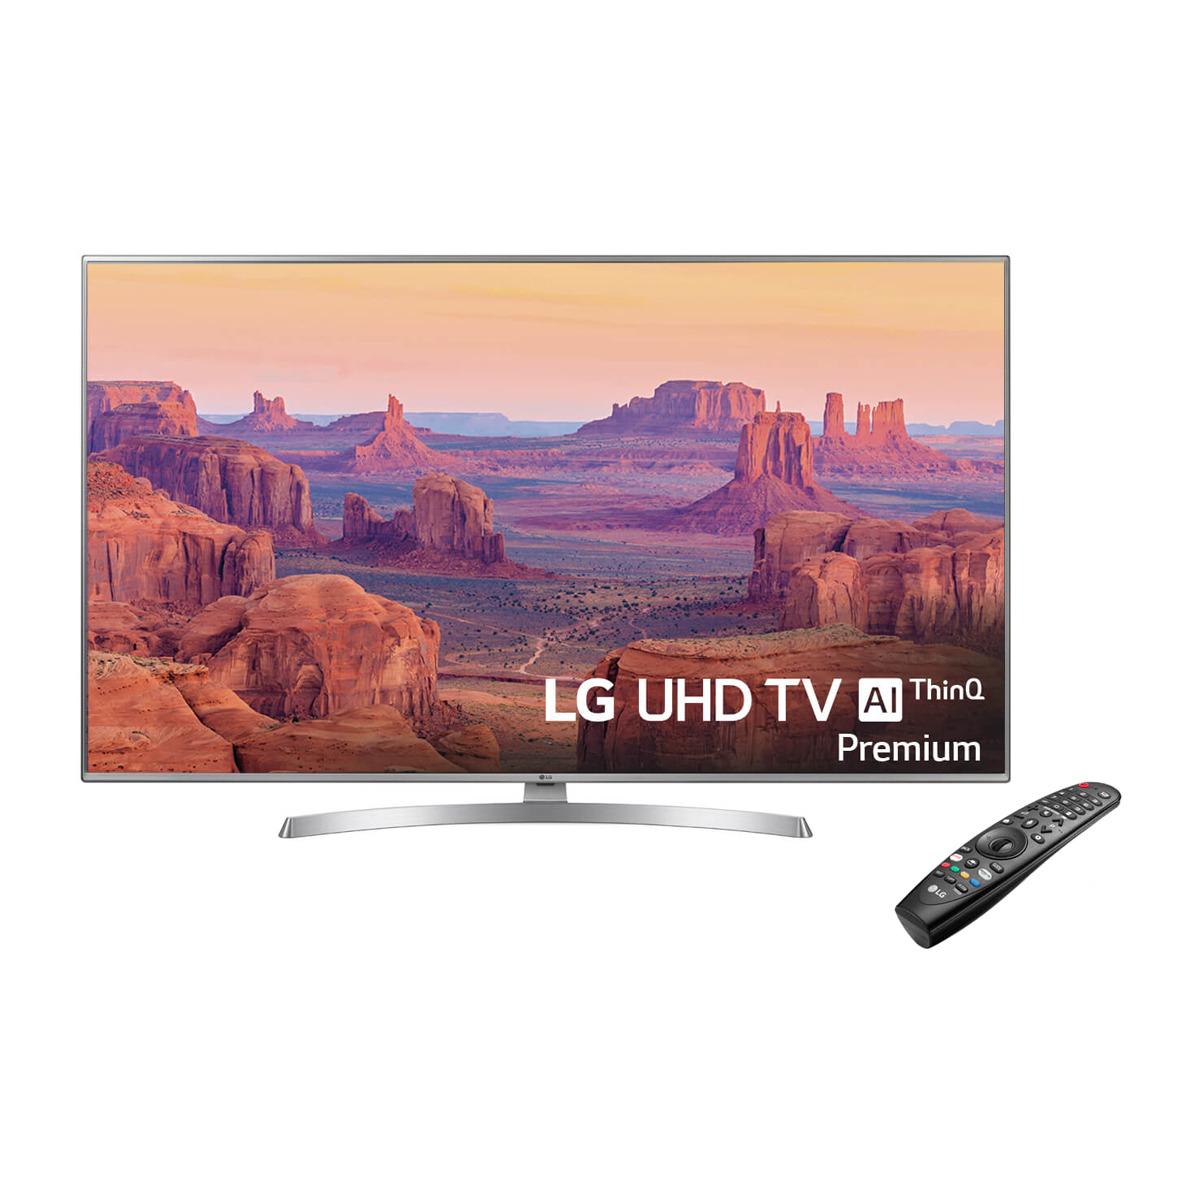 LG 65UK7550 4K IPS